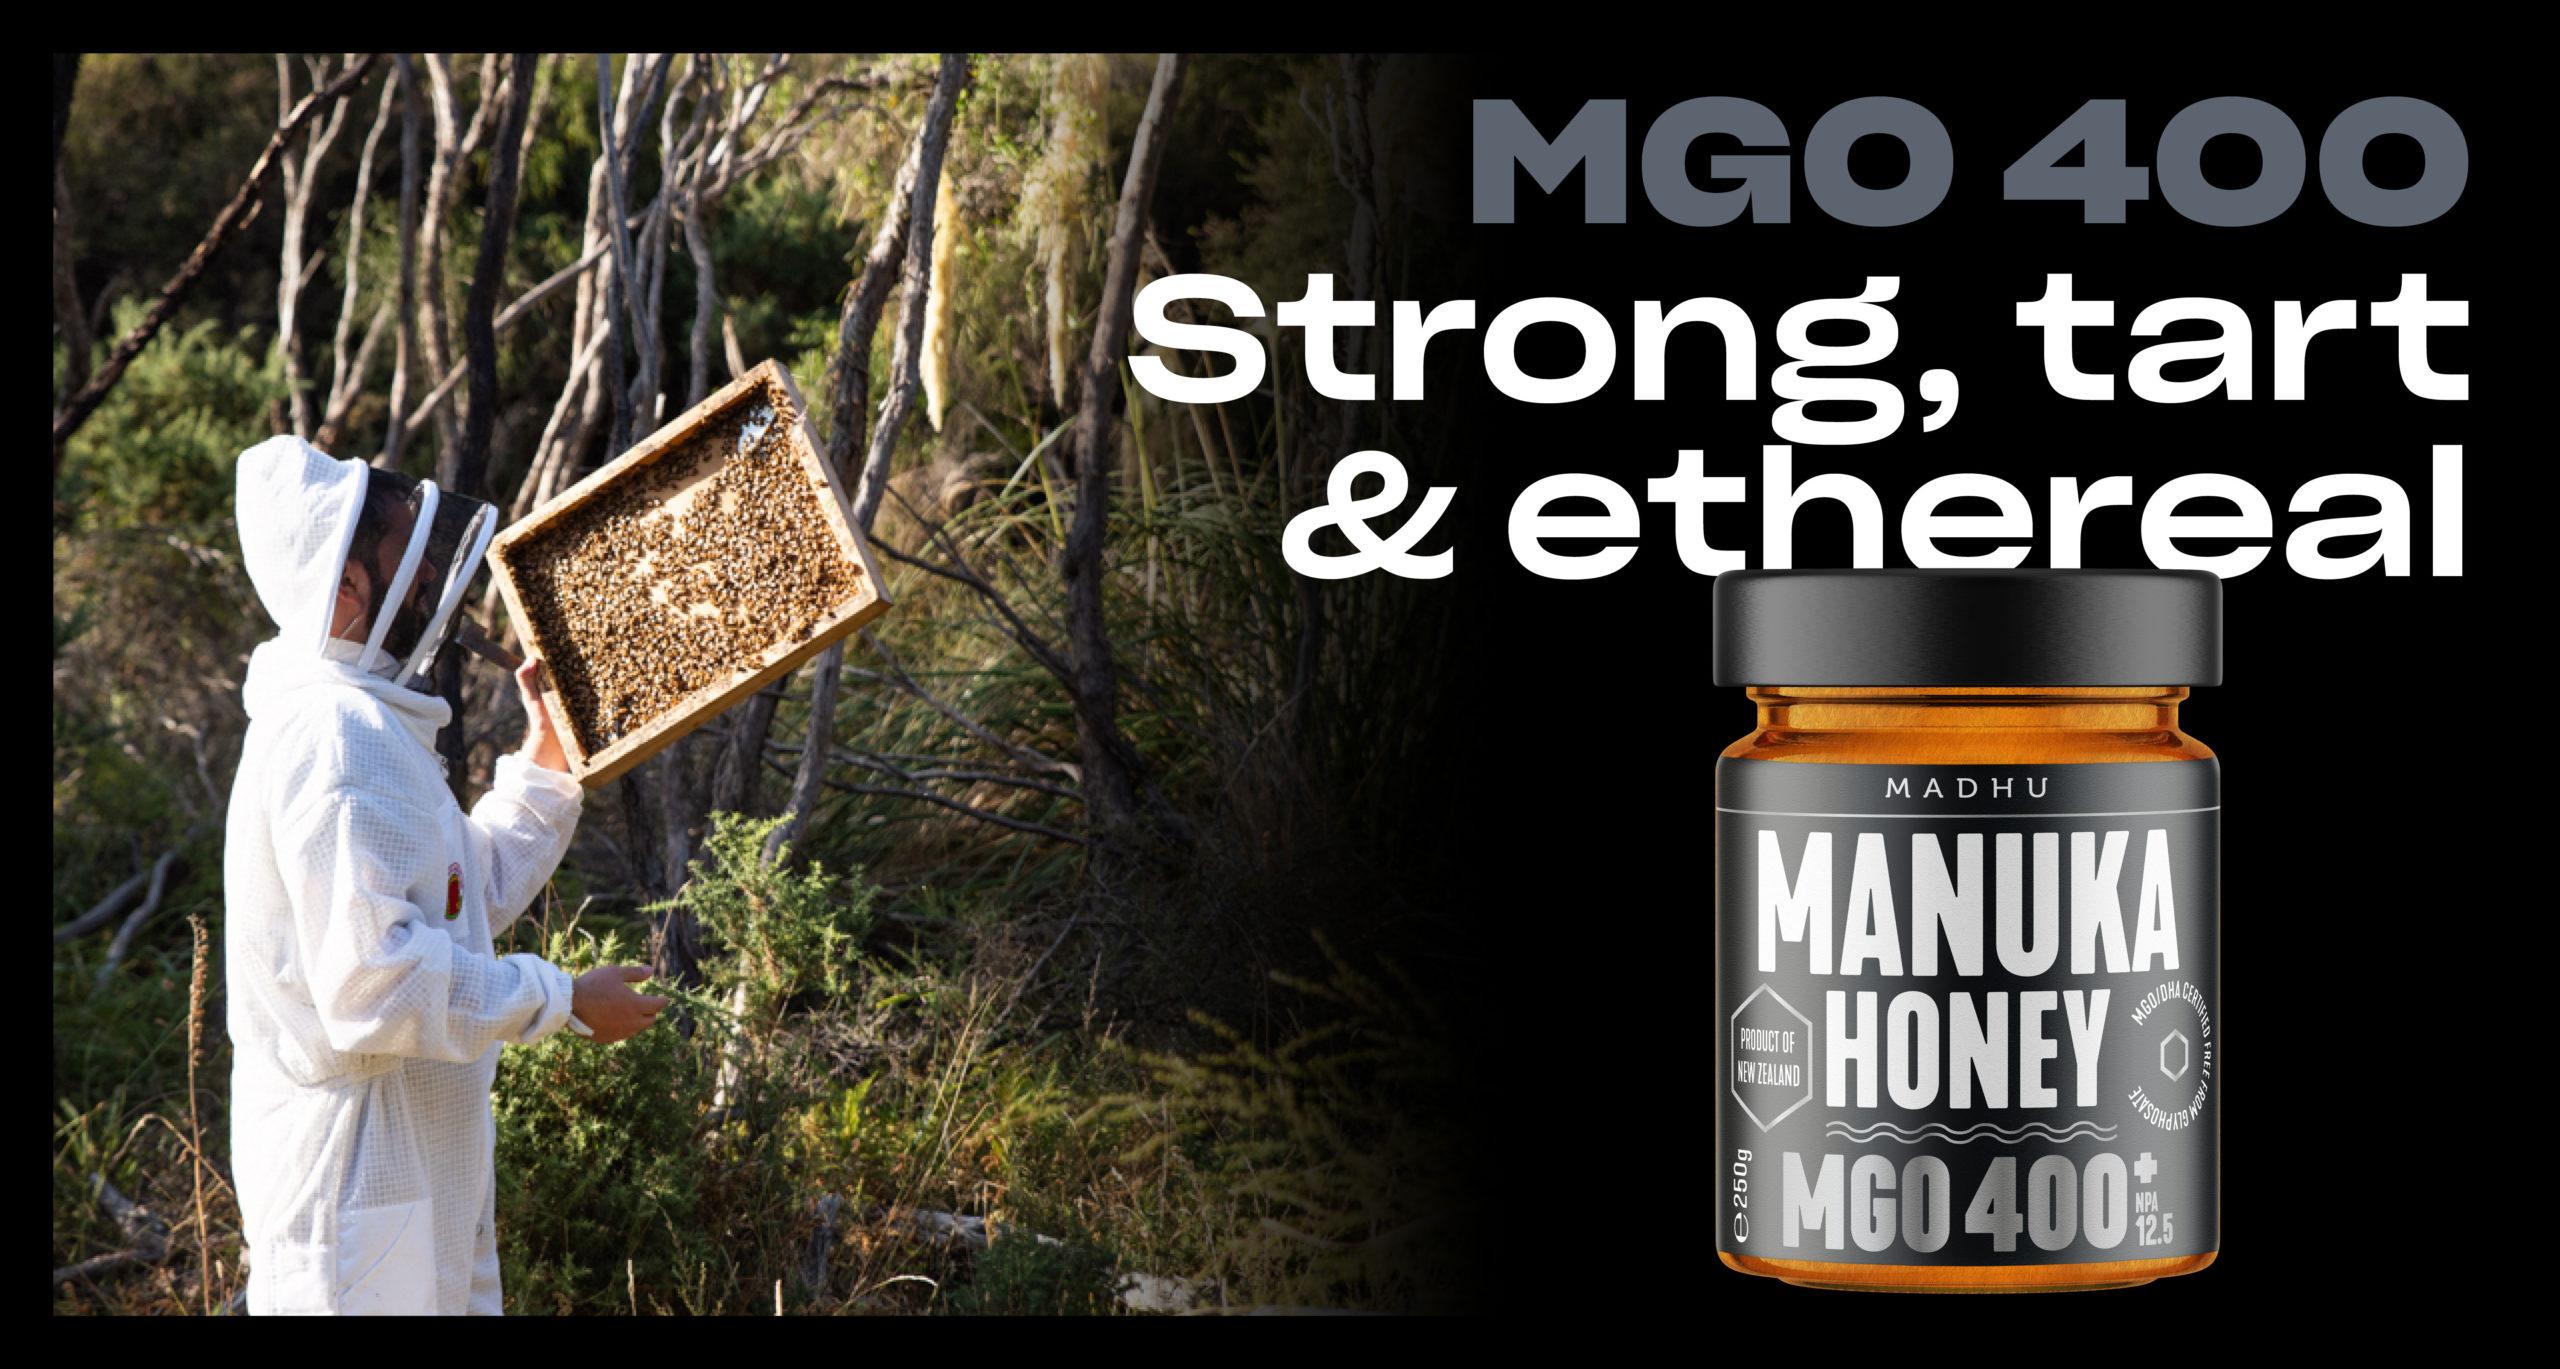 Manuka Honey MGO 400